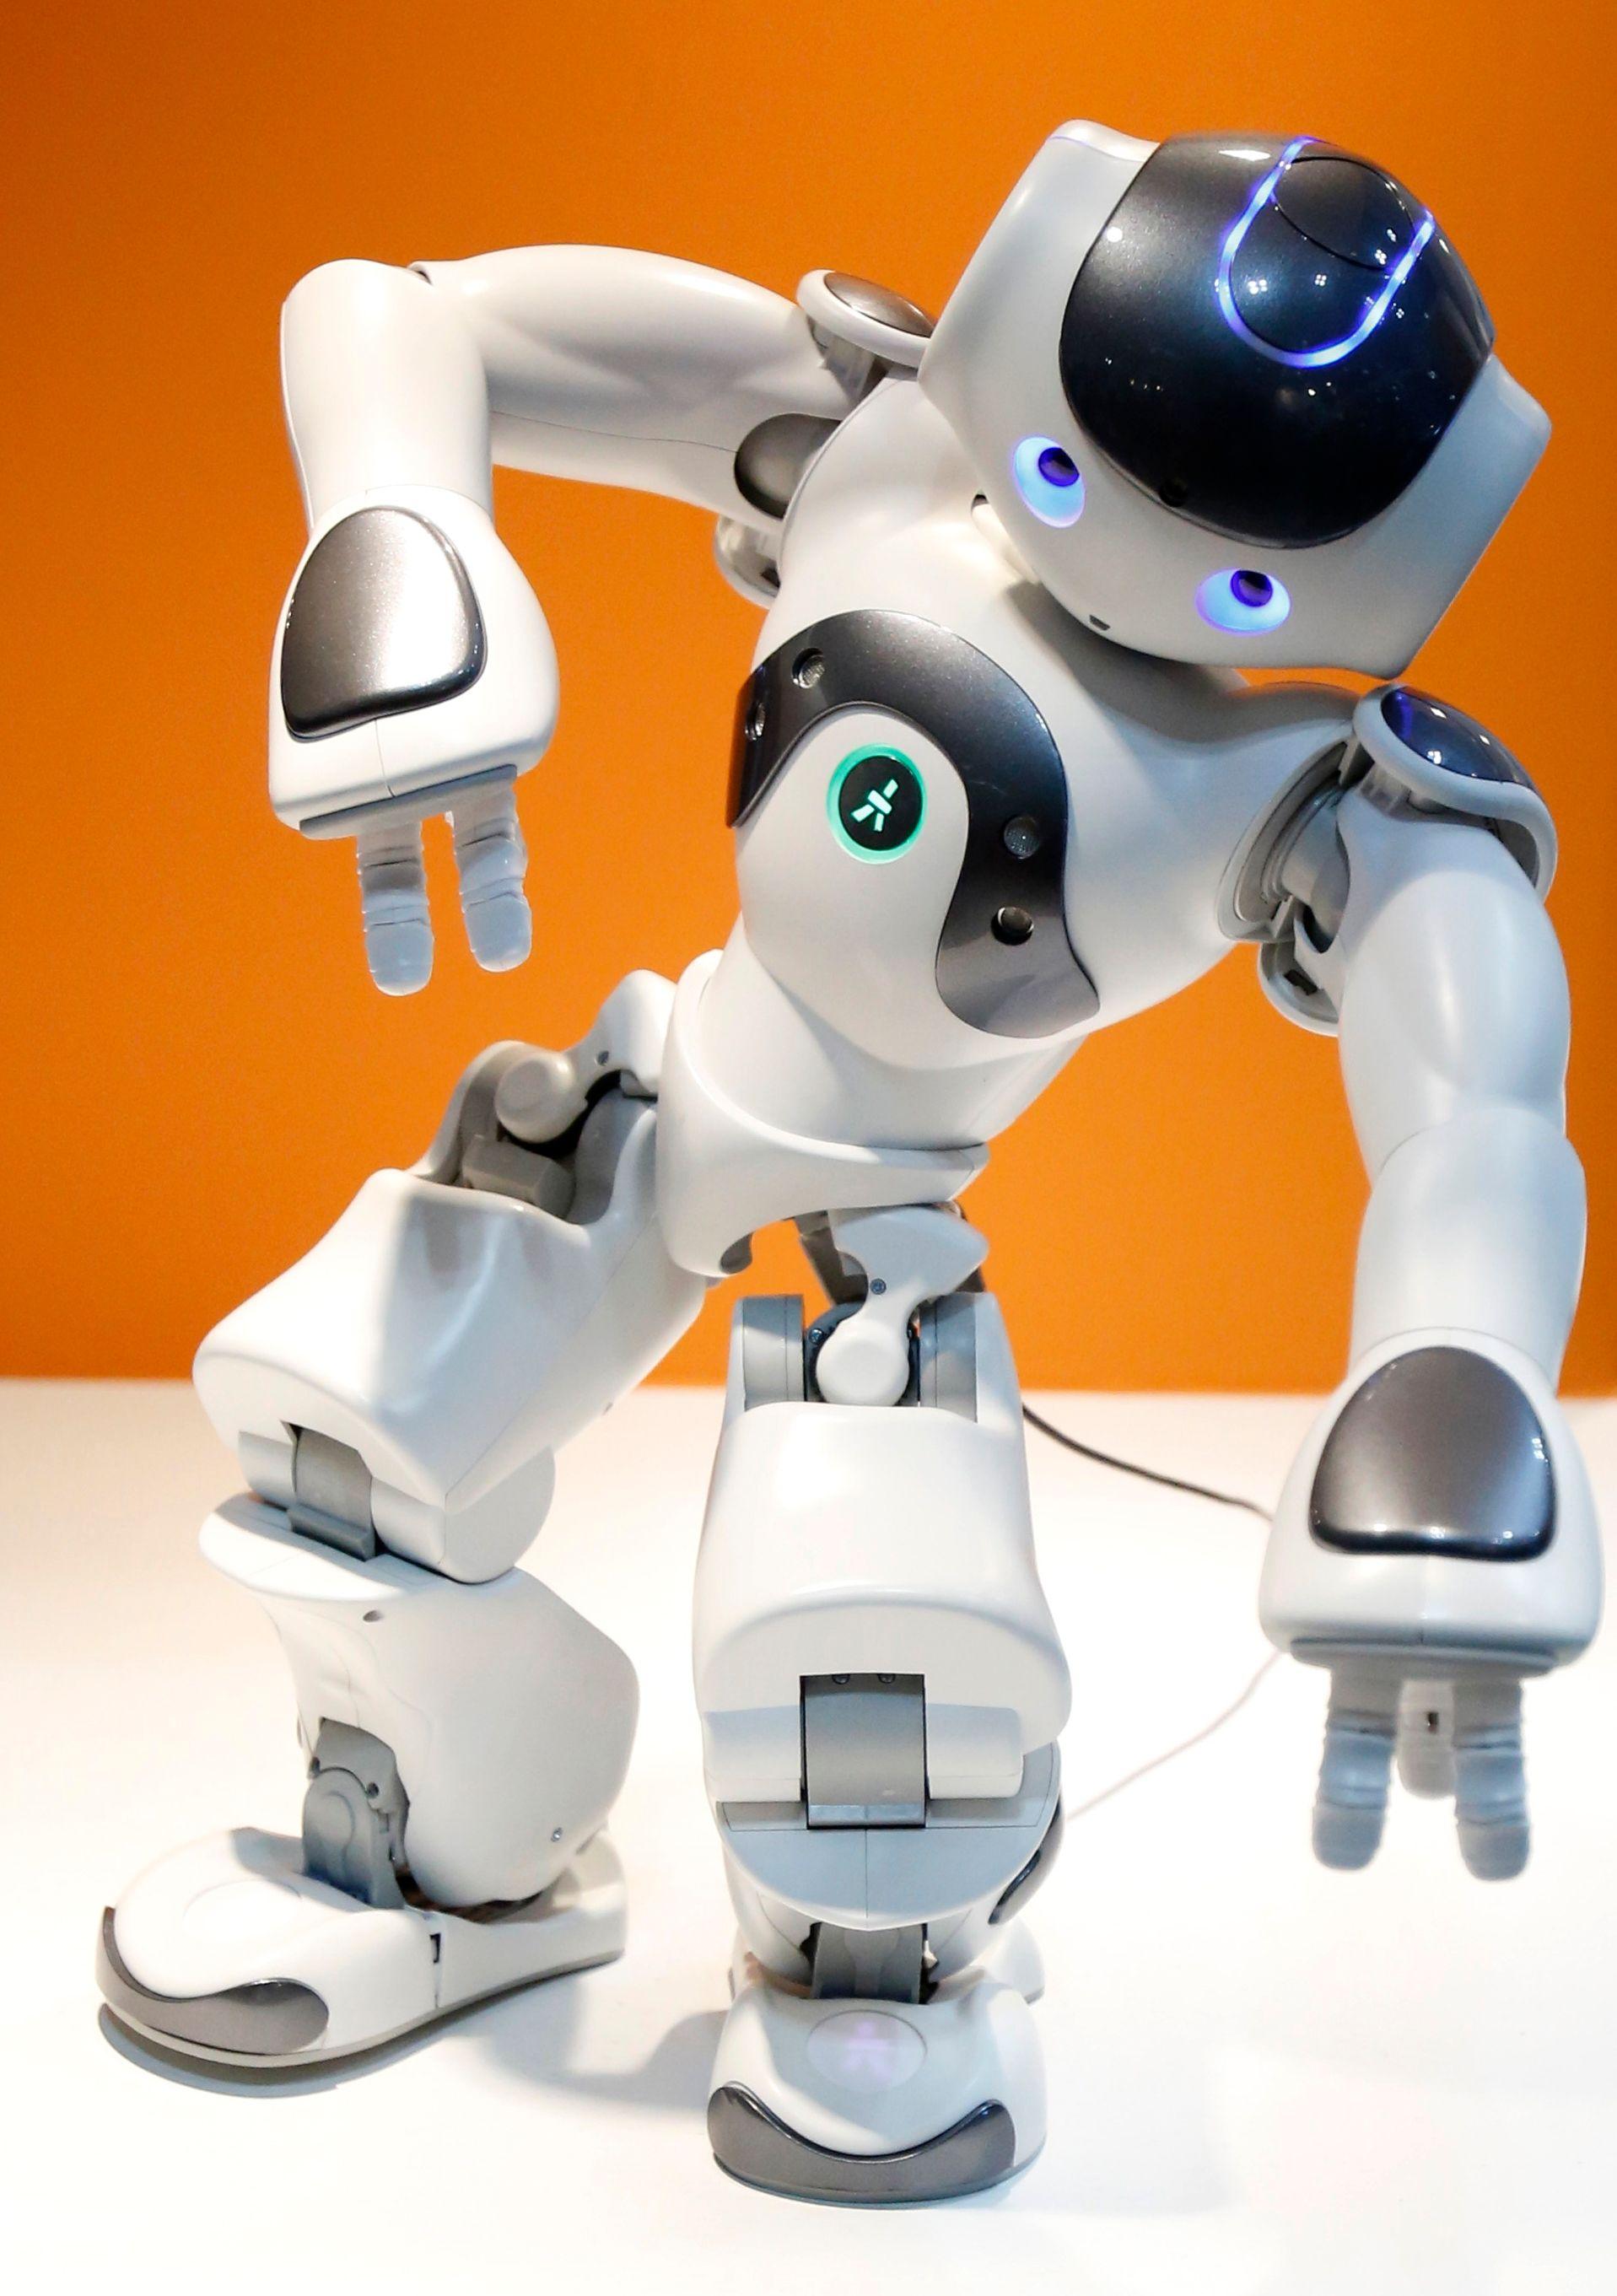 Les études s'accumulent d'auteurs pessimistes qui démontrent que les robots pourraient détruire les emplois humains.